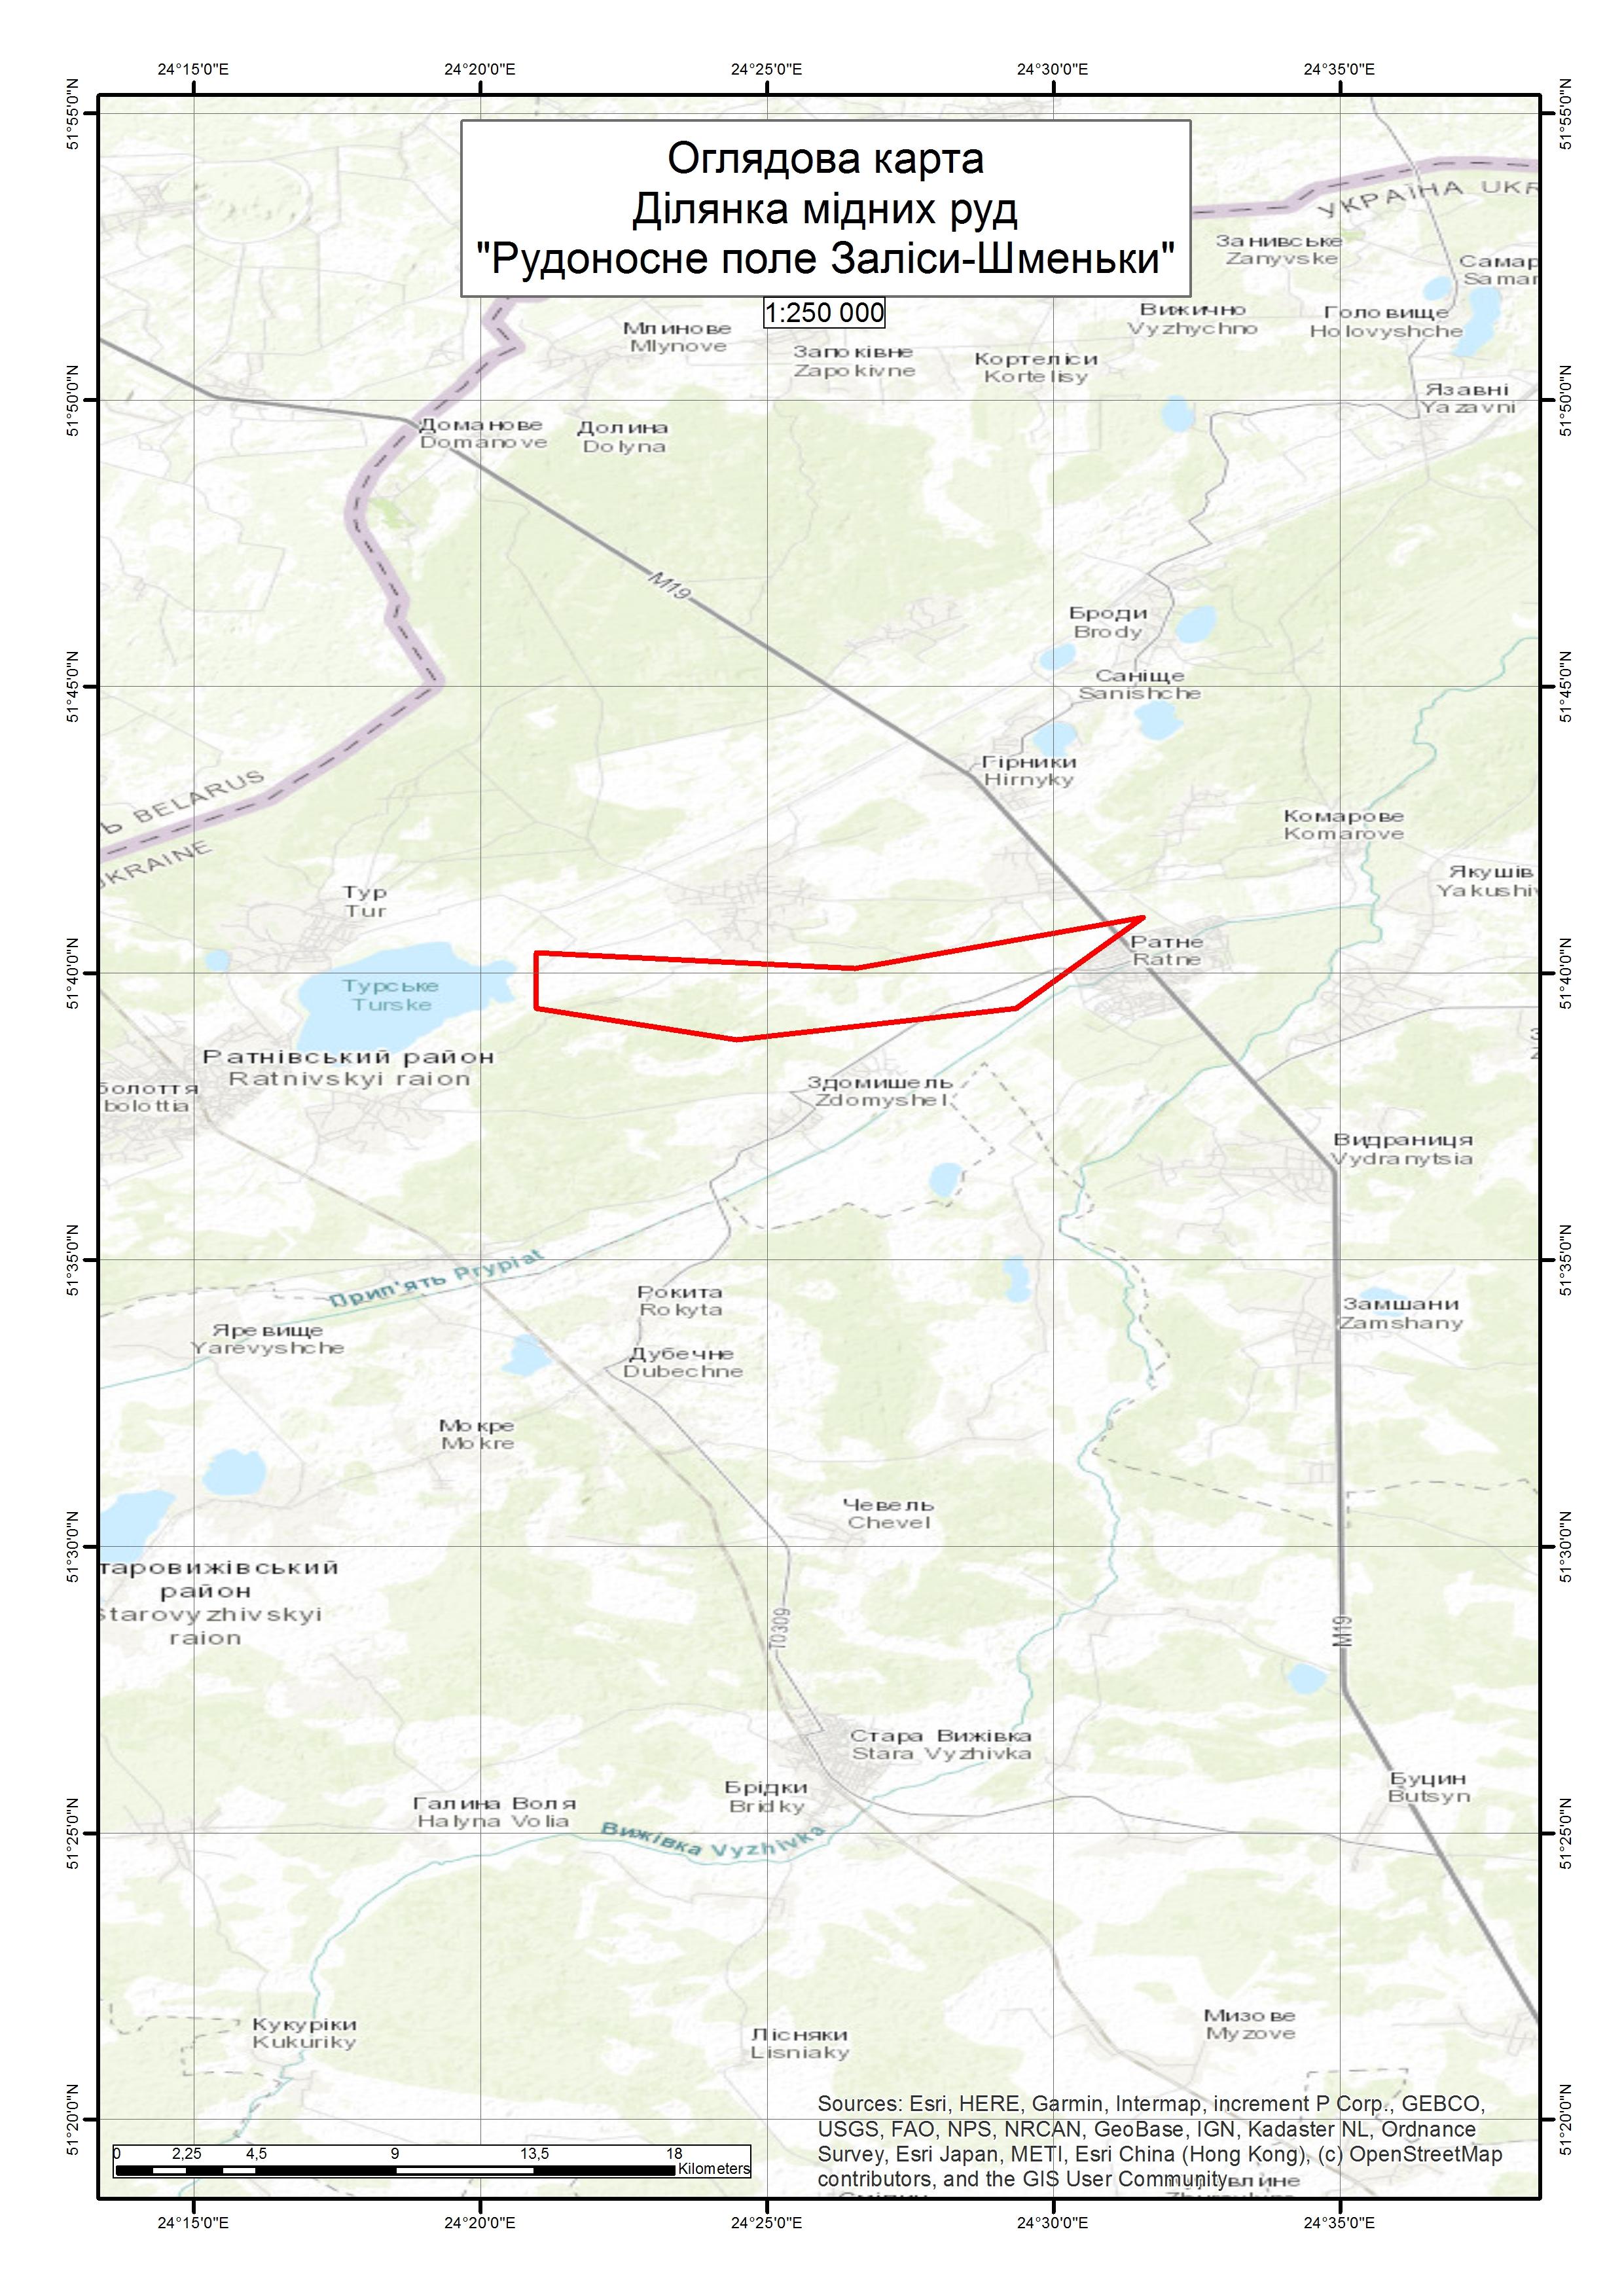 Спеціальний дозвіл на користування надрами – ділянка «Рудоносне поле Заліси-Шменьки». Вартість геологічної інформації – 637 276,89 грн (з ПДВ). Вартість пакету аукціонної документації – 4 500 грн (з ПДВ).